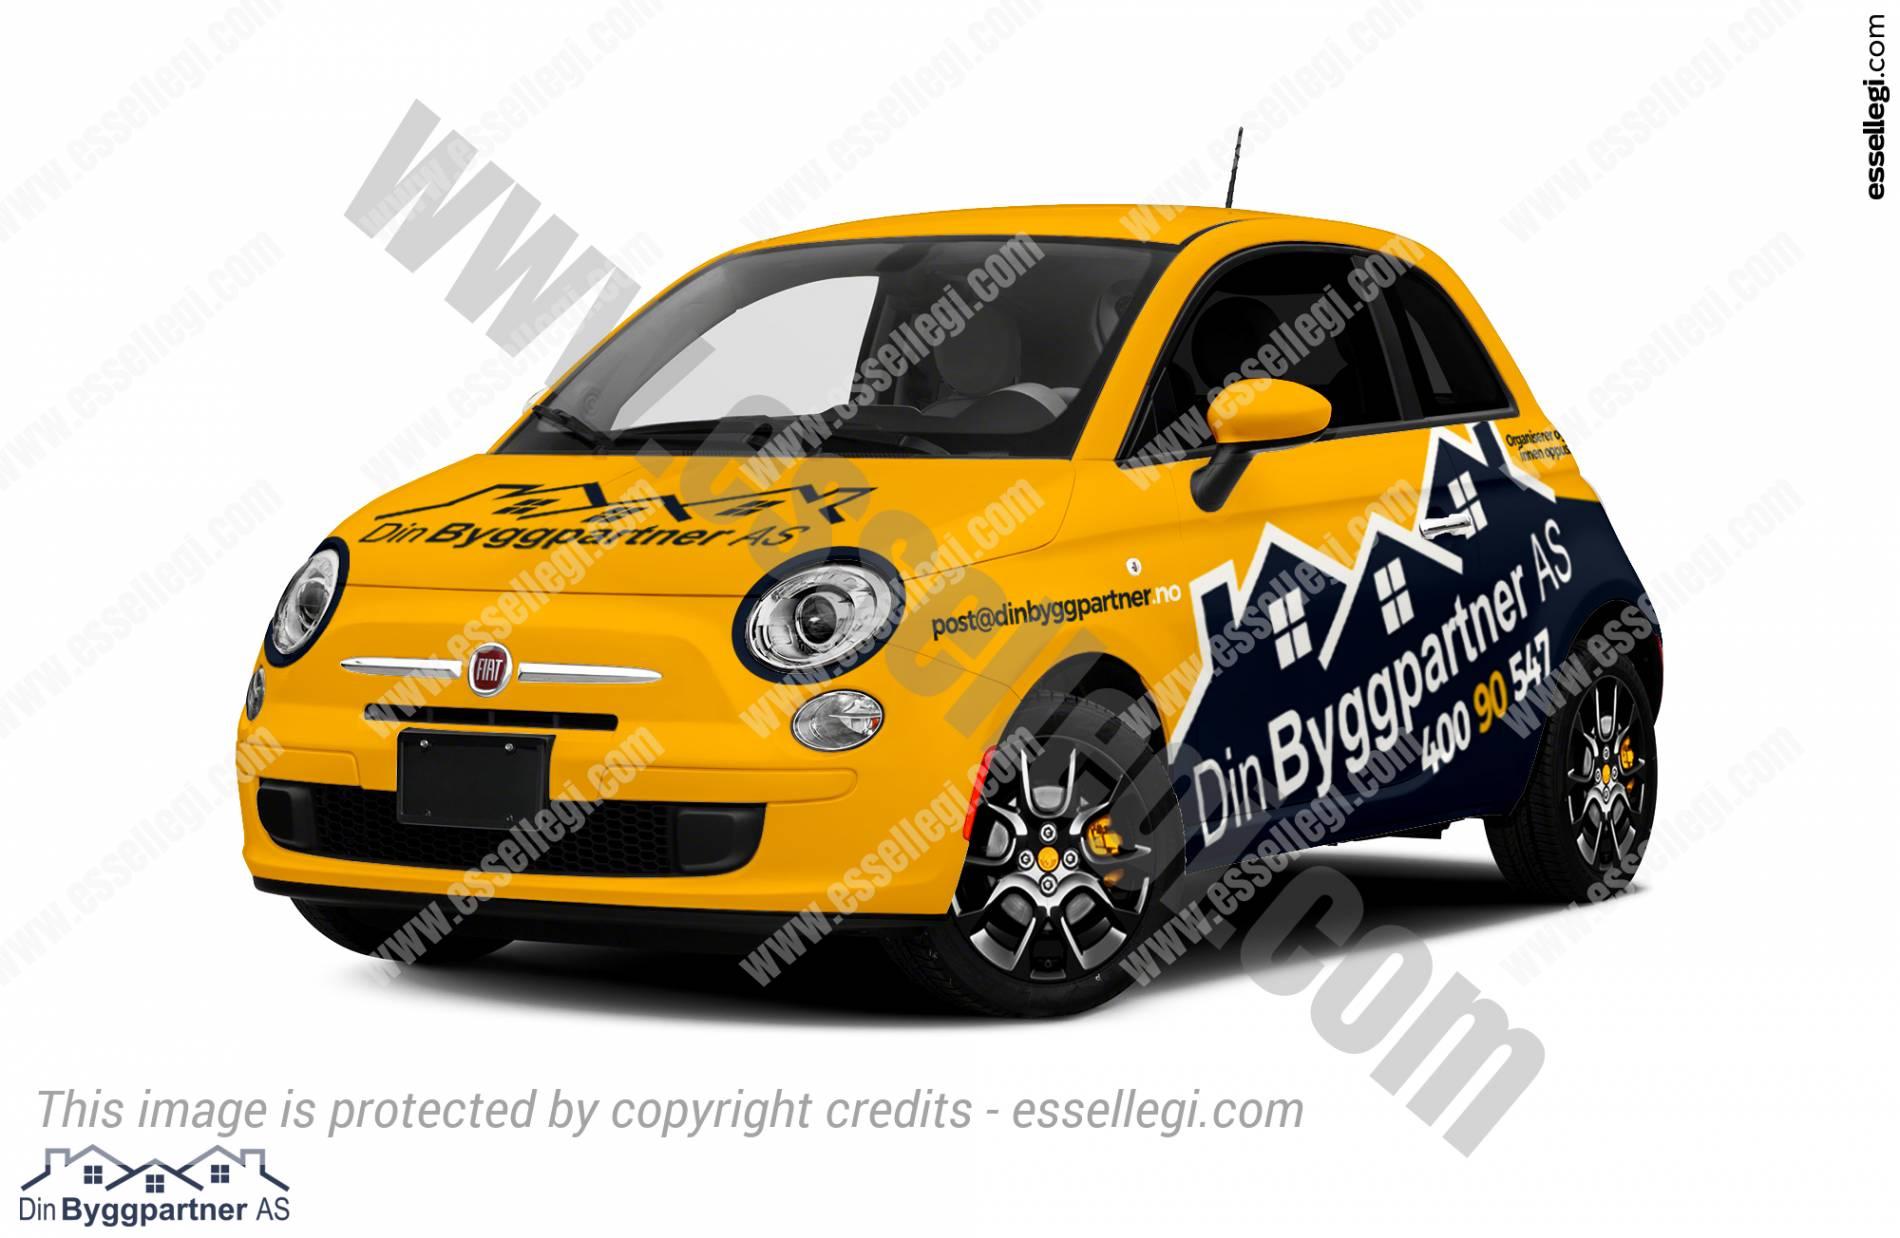 Fiat 500 Car Wrap Design By Essellegi Wrap Design